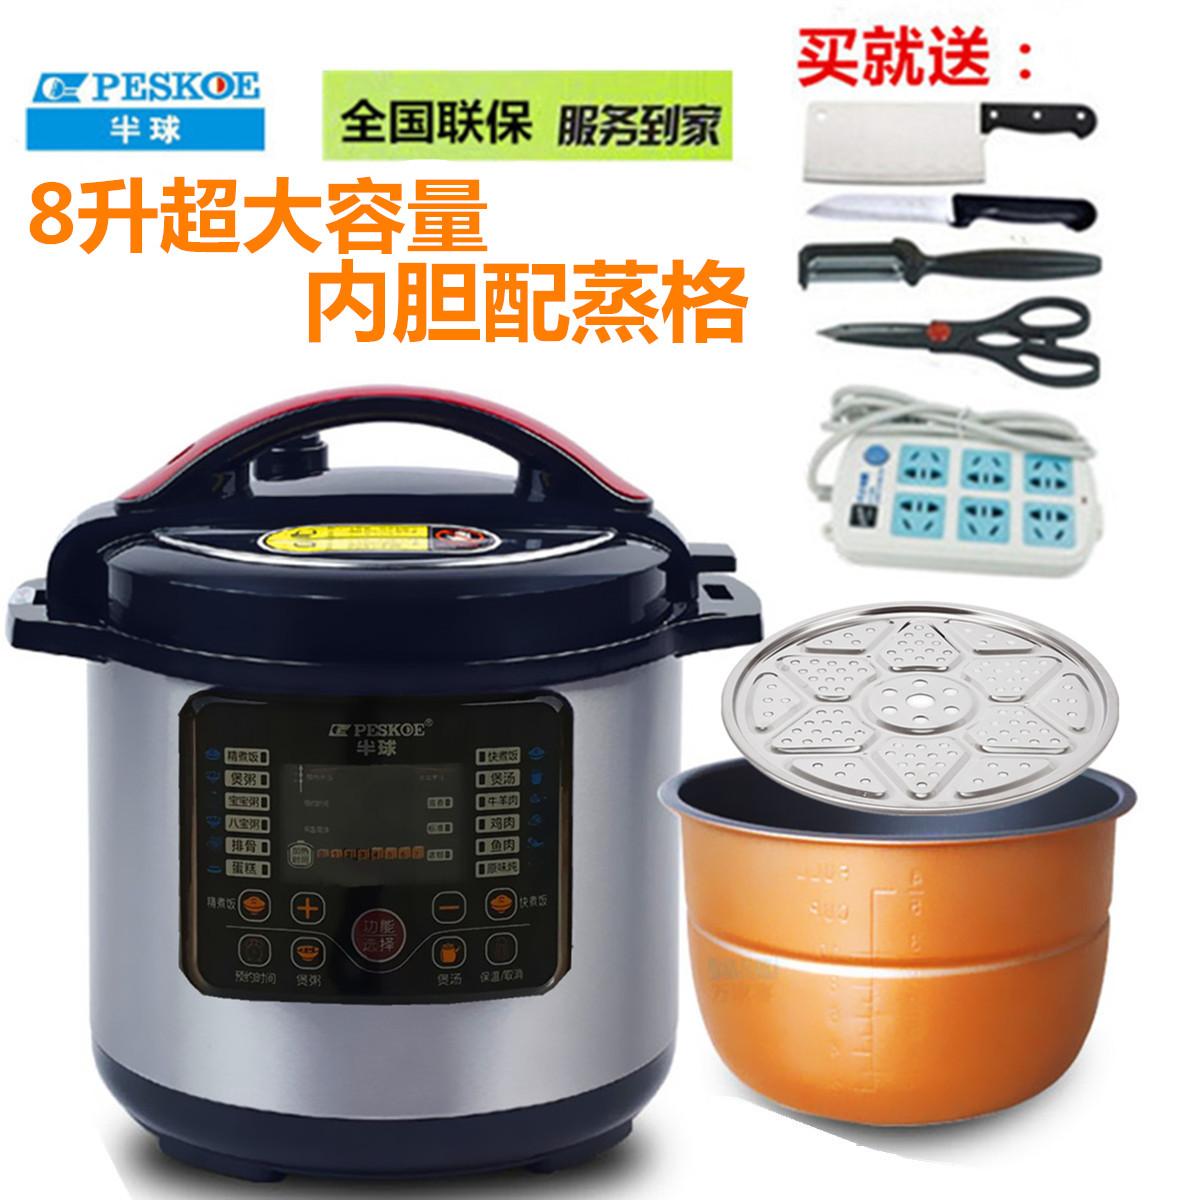 半球商用电压力锅8l10l12l升大容量智能电高压锅食堂